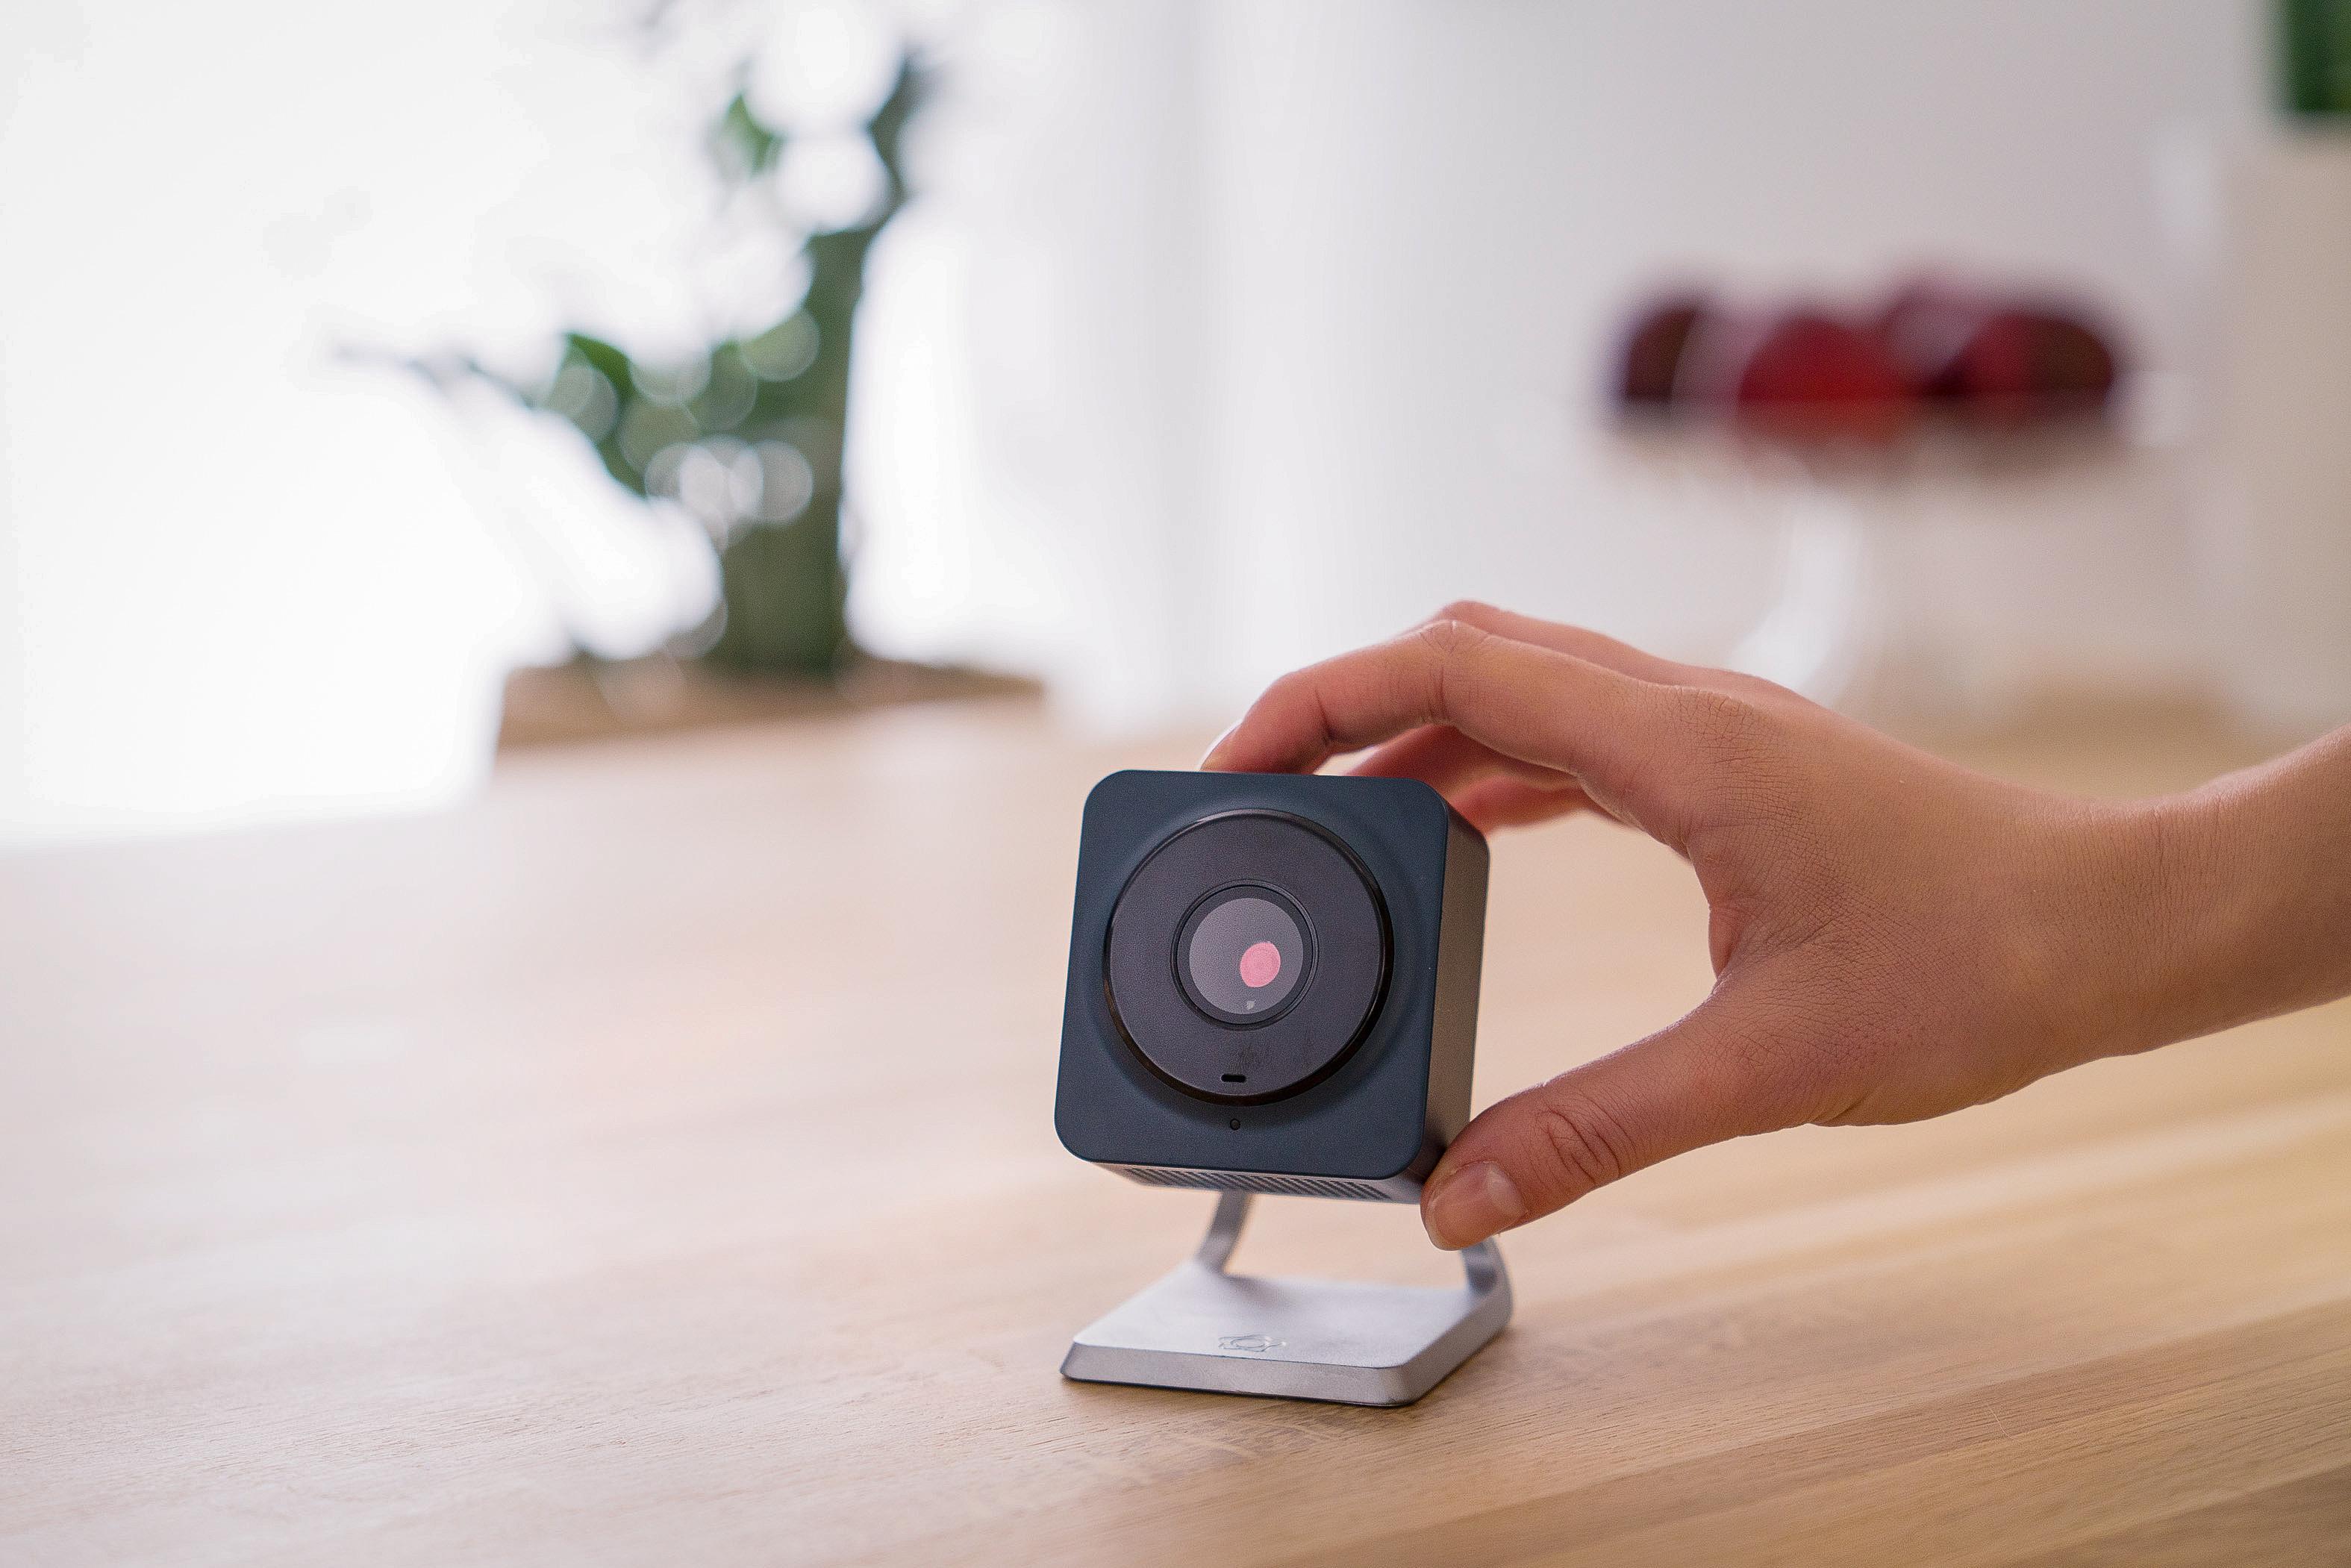 Installer Une Caméra De Sécurité Nest Pas Suffisant Pour